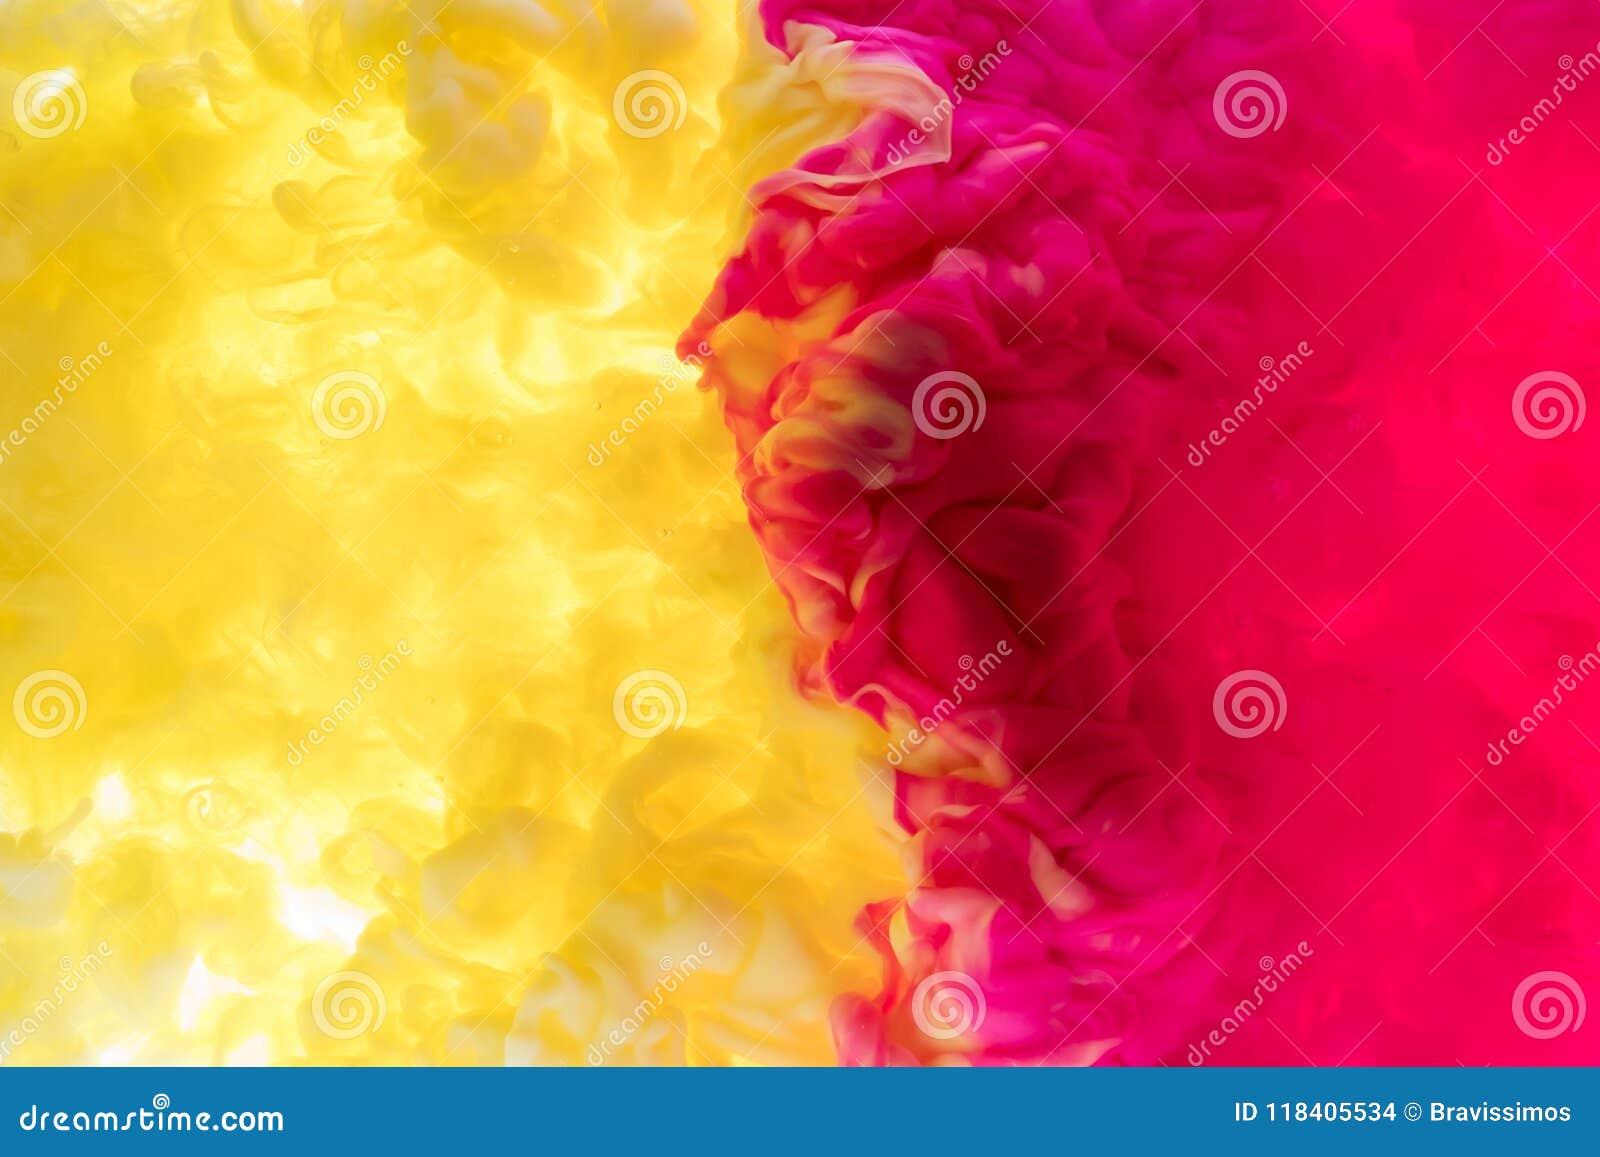 Ink vatten En färgstänk av rosa färg- och svartmålarfärg abstrakt bakgrund